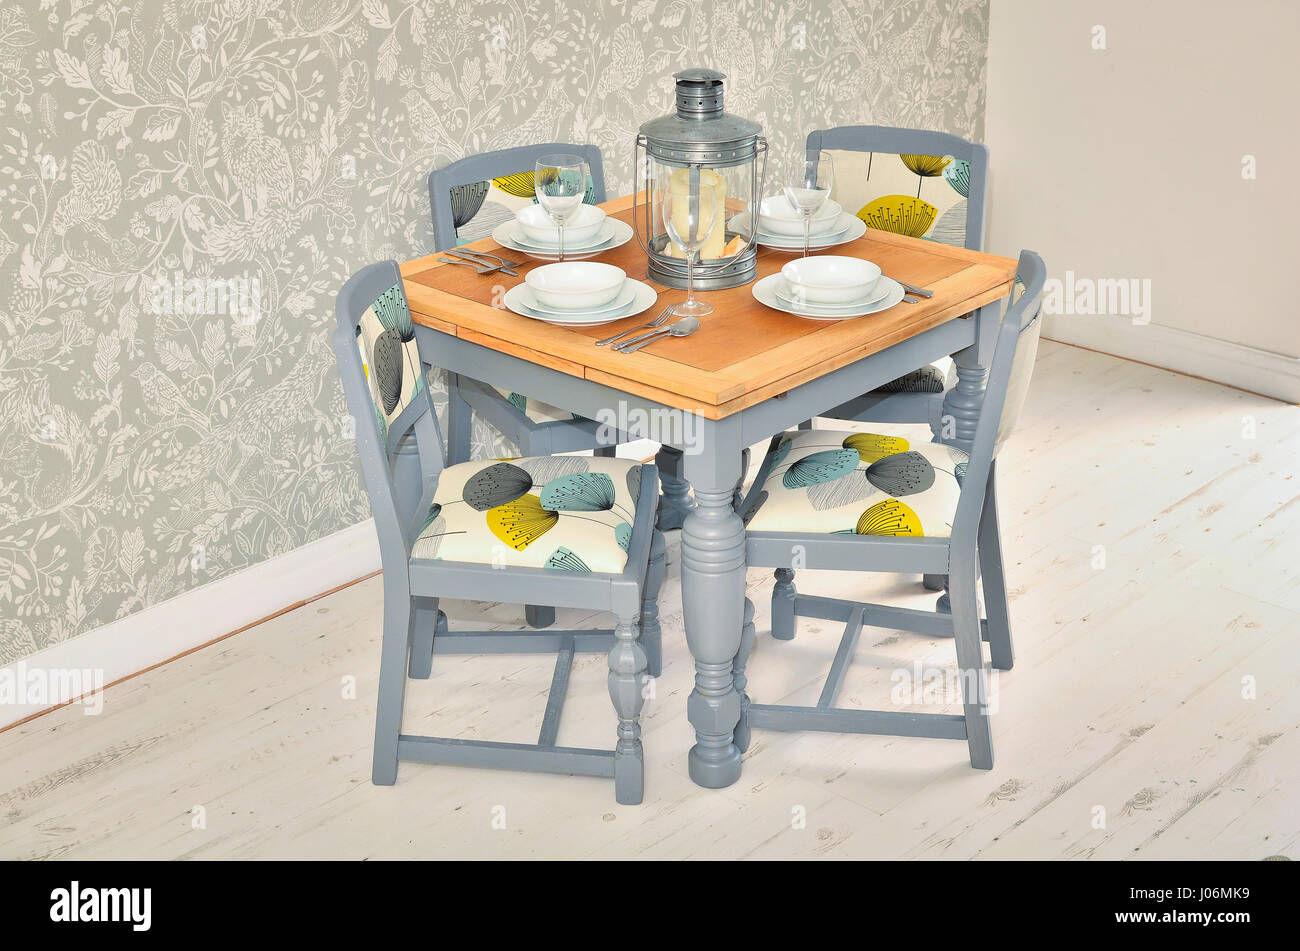 Table à manger avec chaises, assiettes, bols et couverts. Salle à manger chic minable de l'intérieur. Photo Stock